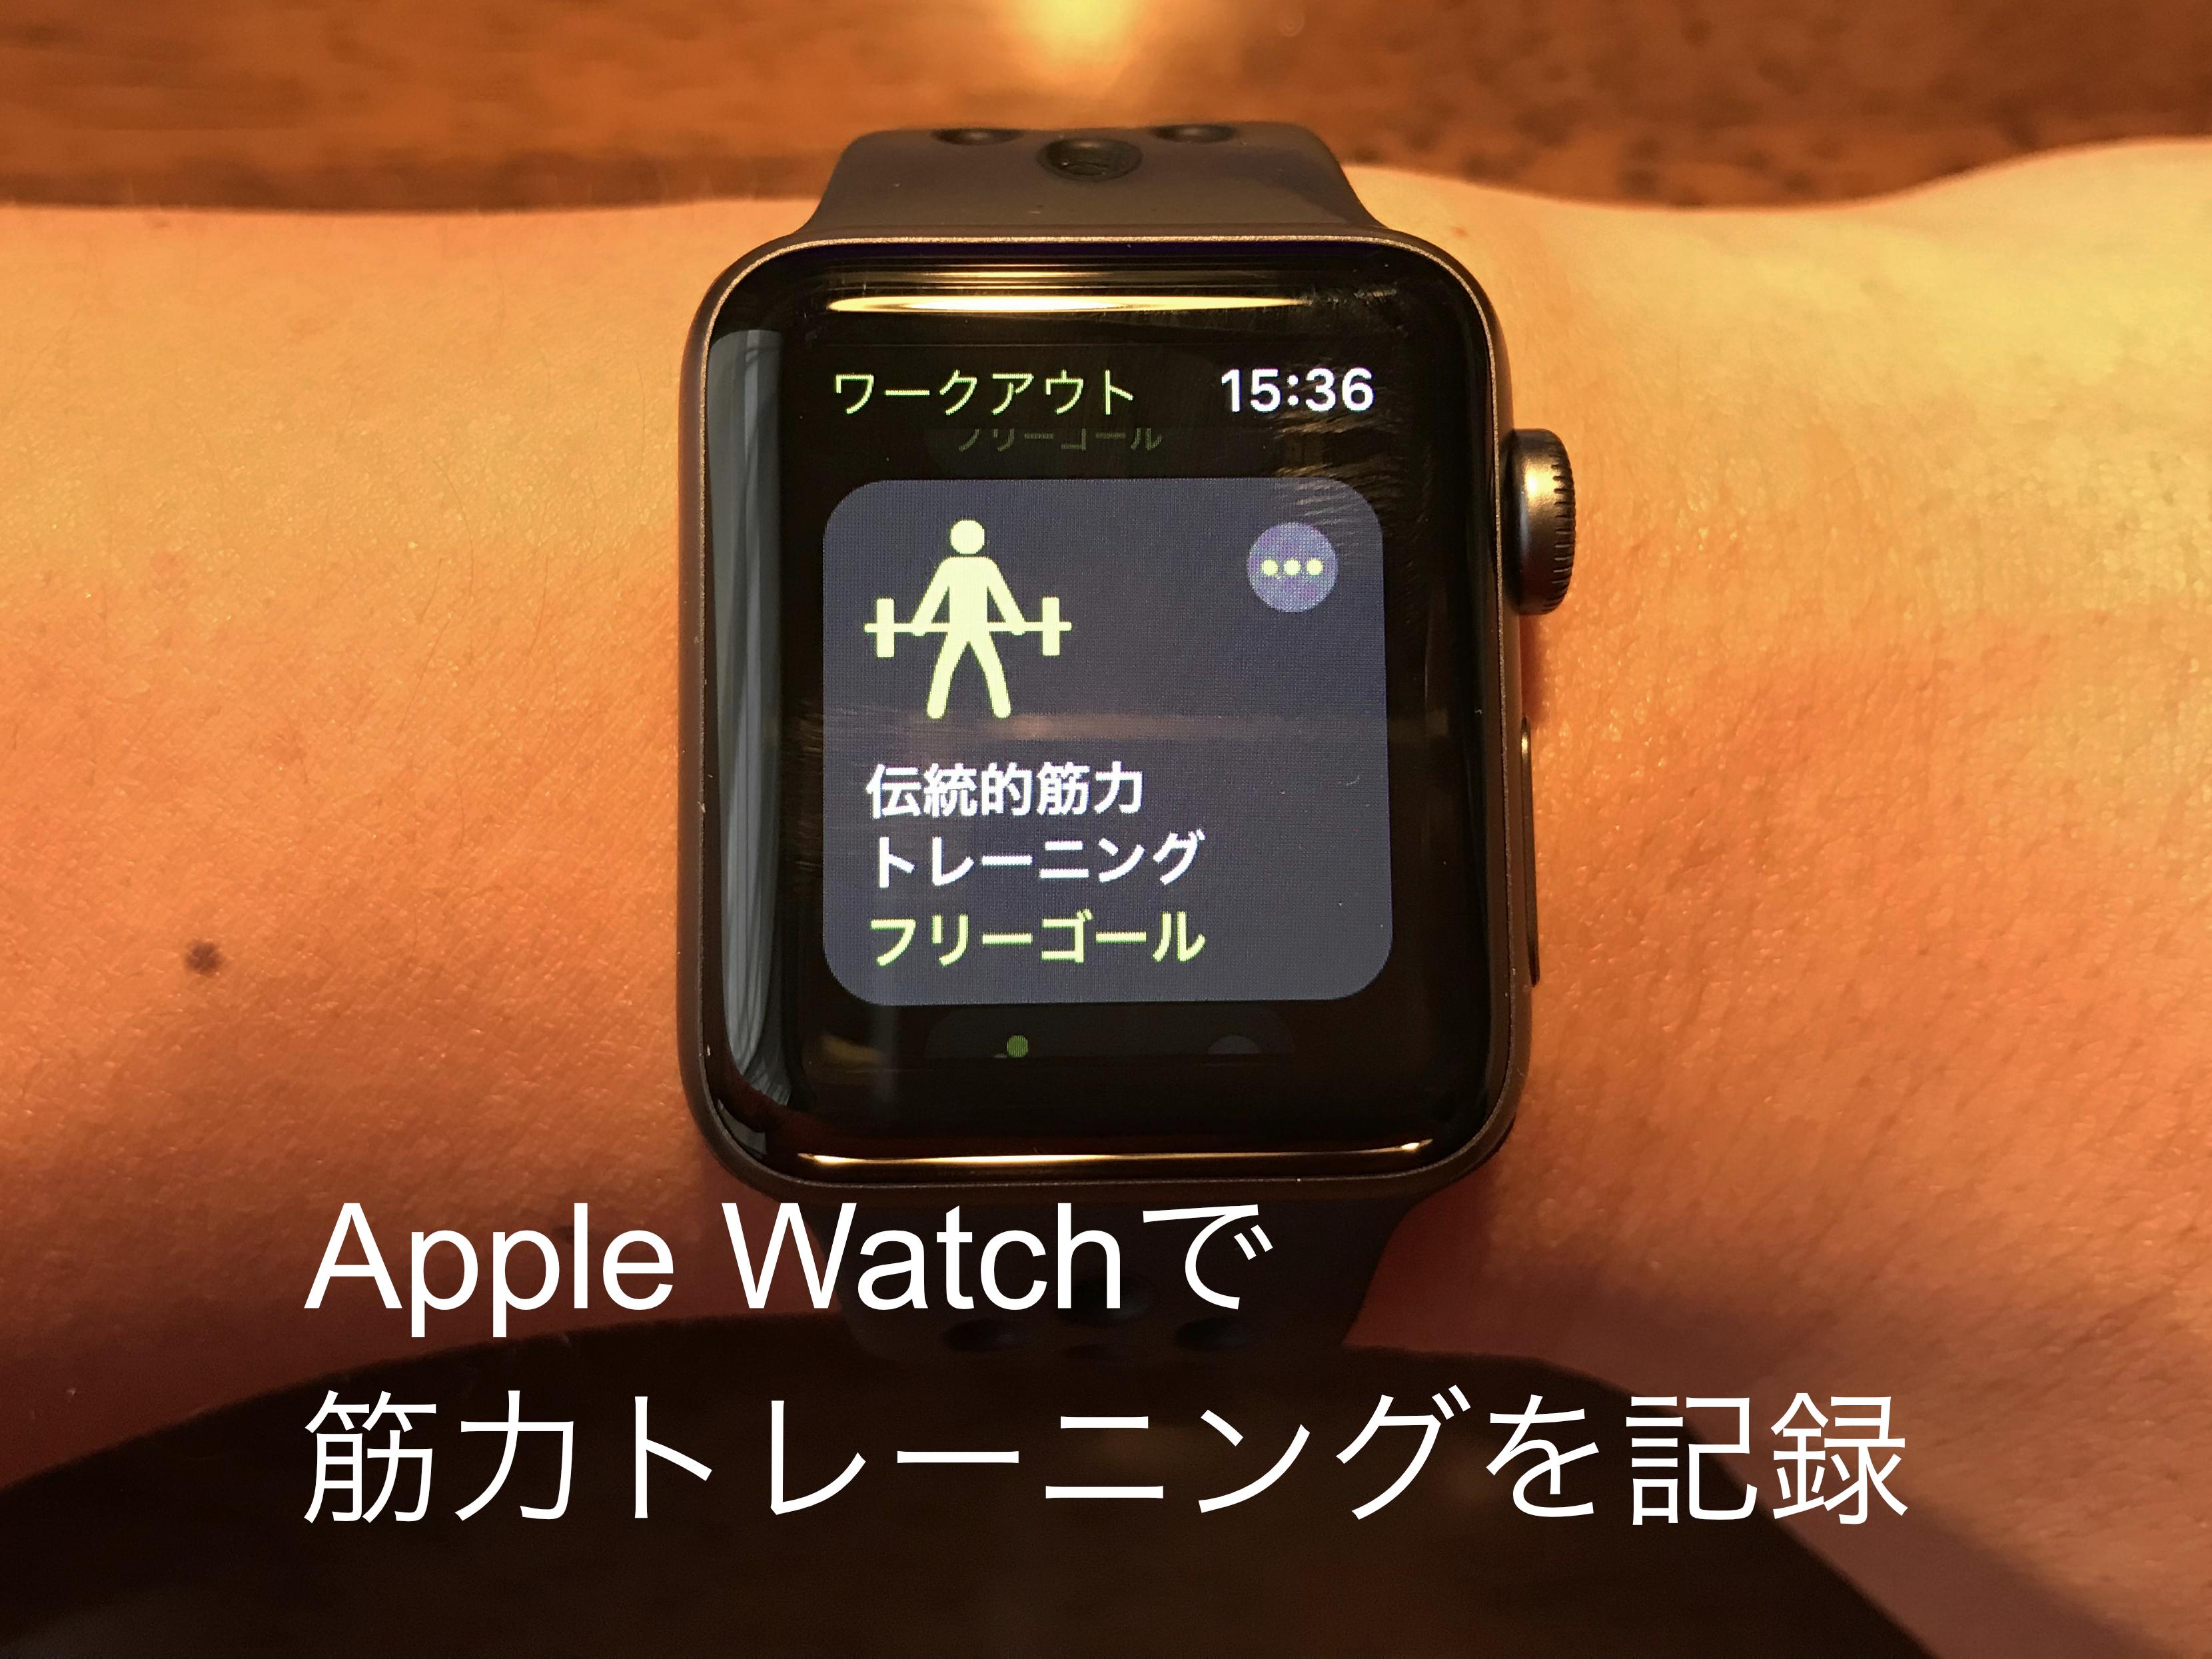 Apple Watchの標準ワークアウトアプリで筋トレを記録する方法